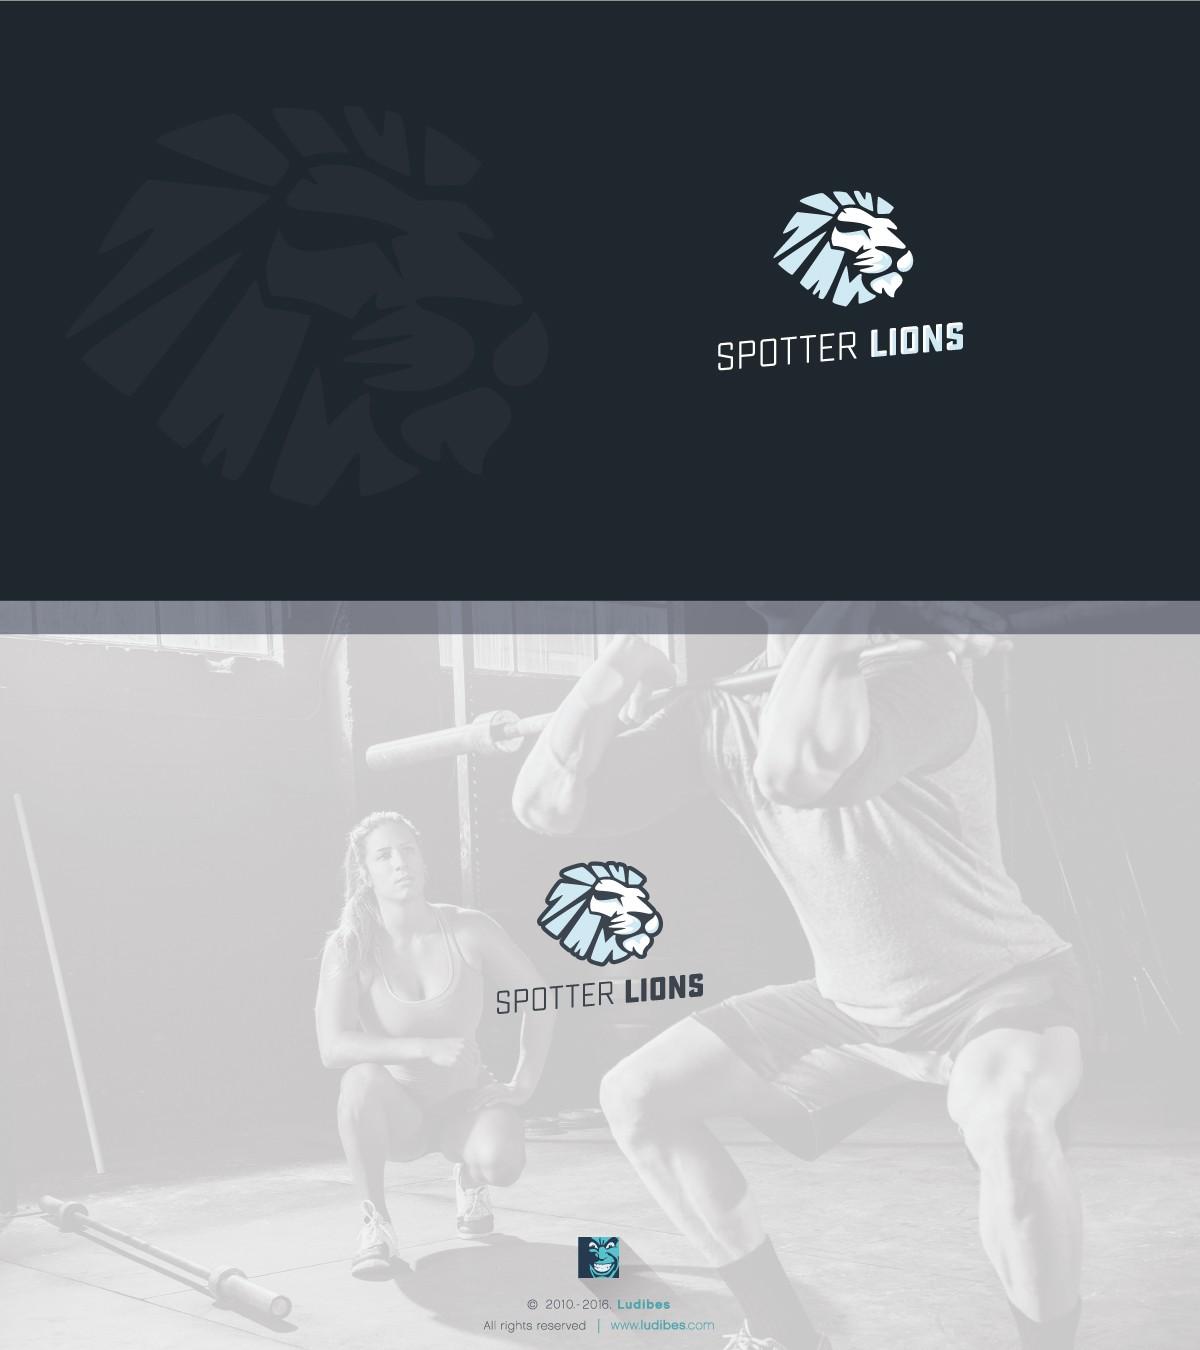 Spotter Lions